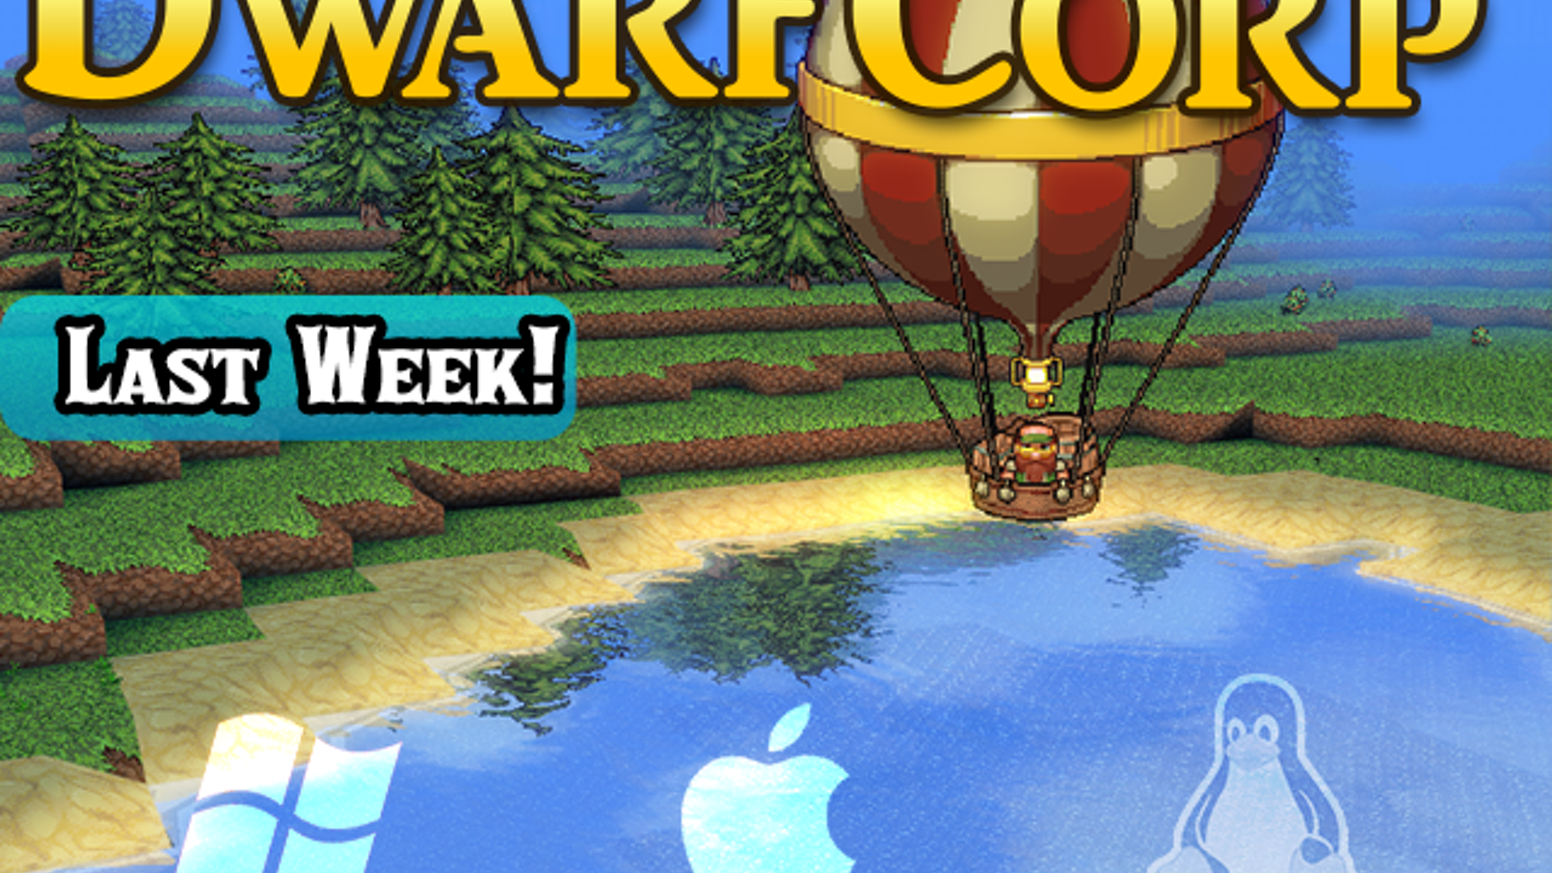 DwarfCorp by Completely Fair Games, Ltd  — Kickstarter